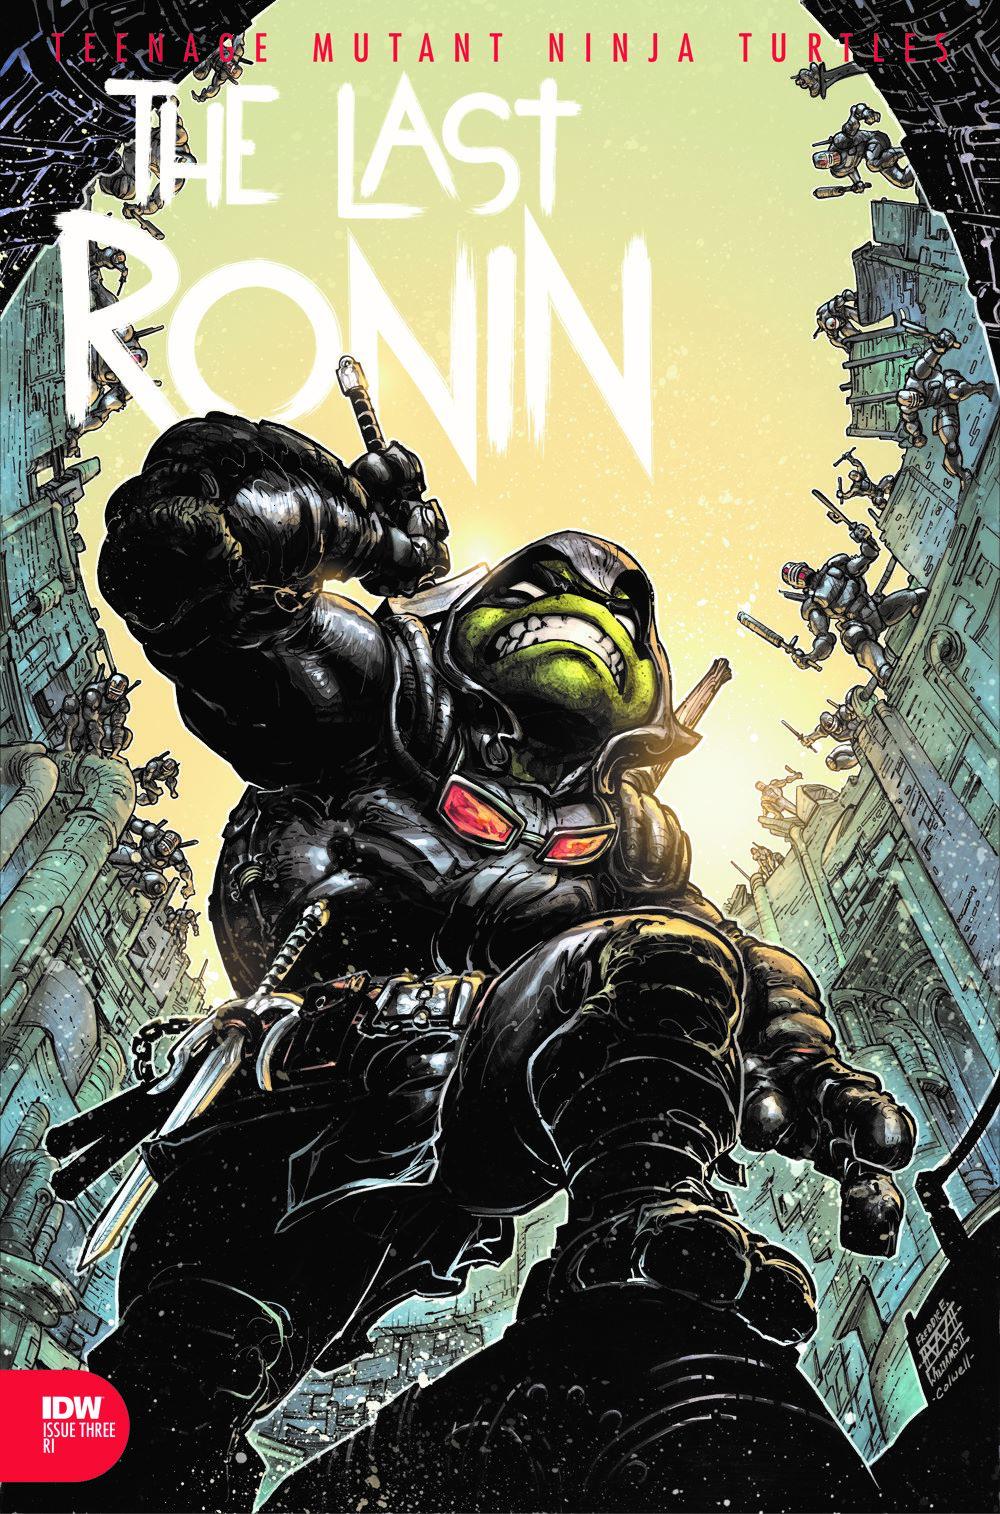 TMNT-LastRonin03_cvrRI ComicList Previews: TEENAGE MUTANT NINJA TURTLES THE LAST RONIN #3 (OF 5)